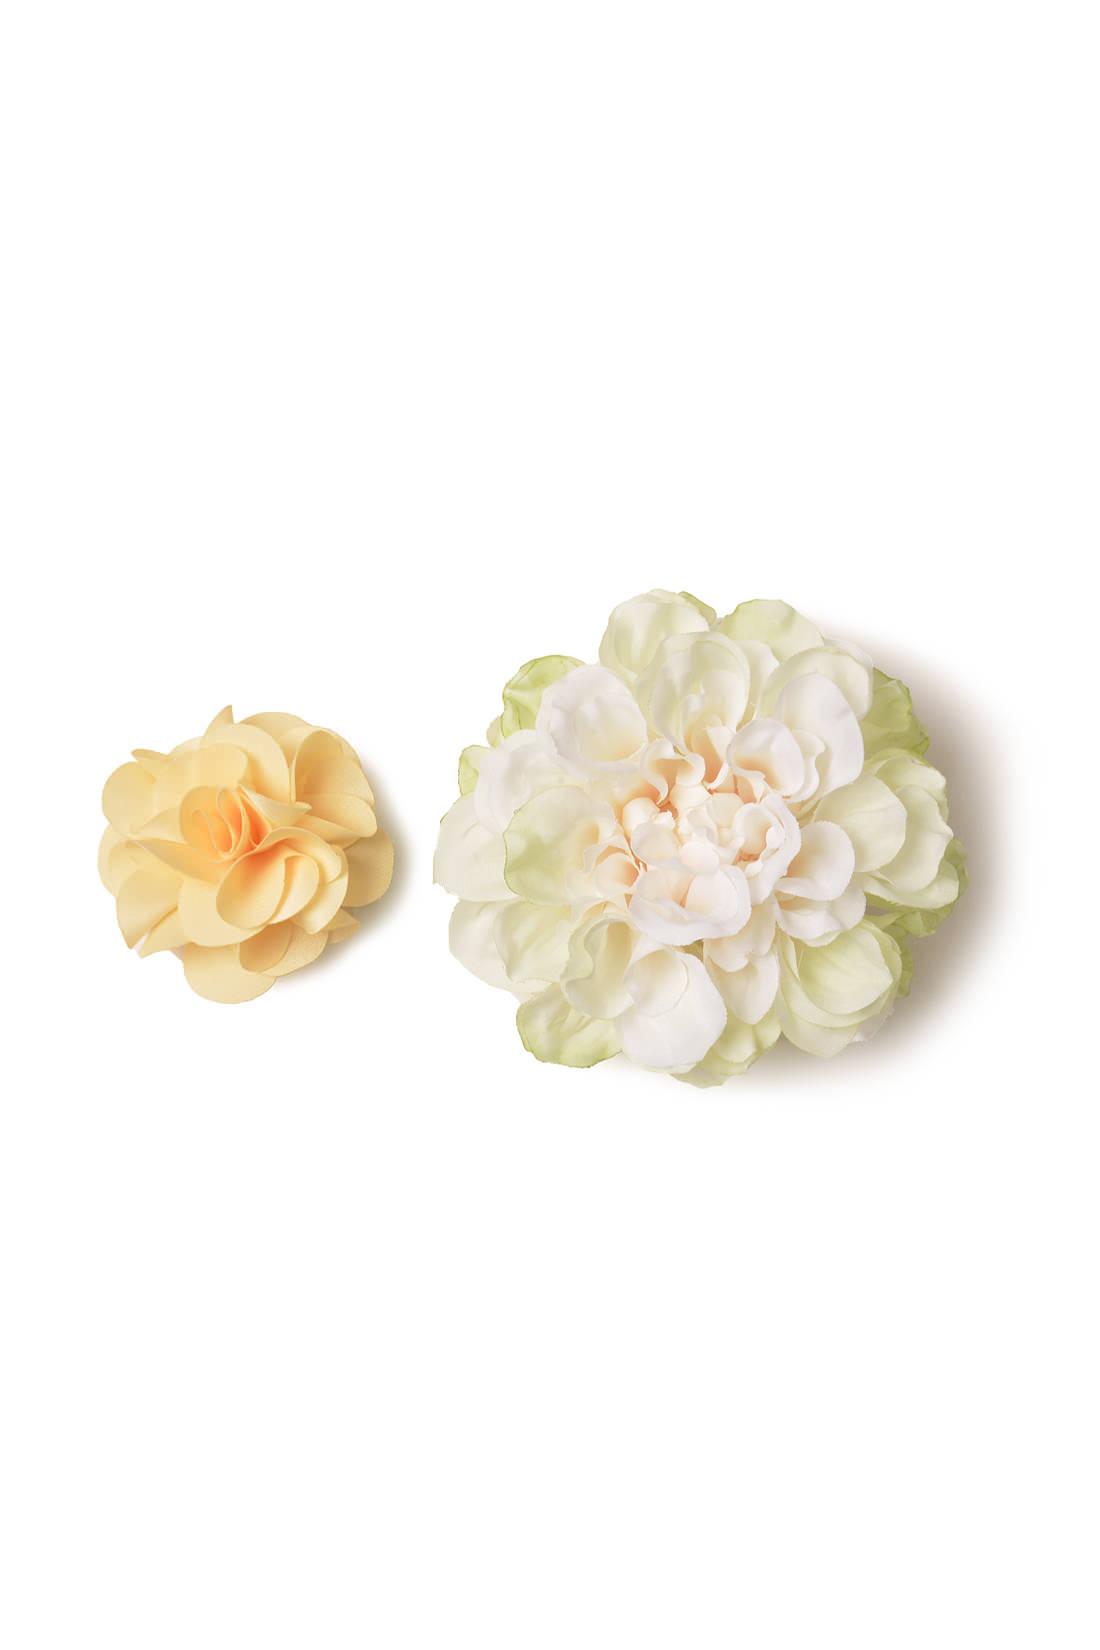 雰囲気の違うお花を2個セットにしてお届け。